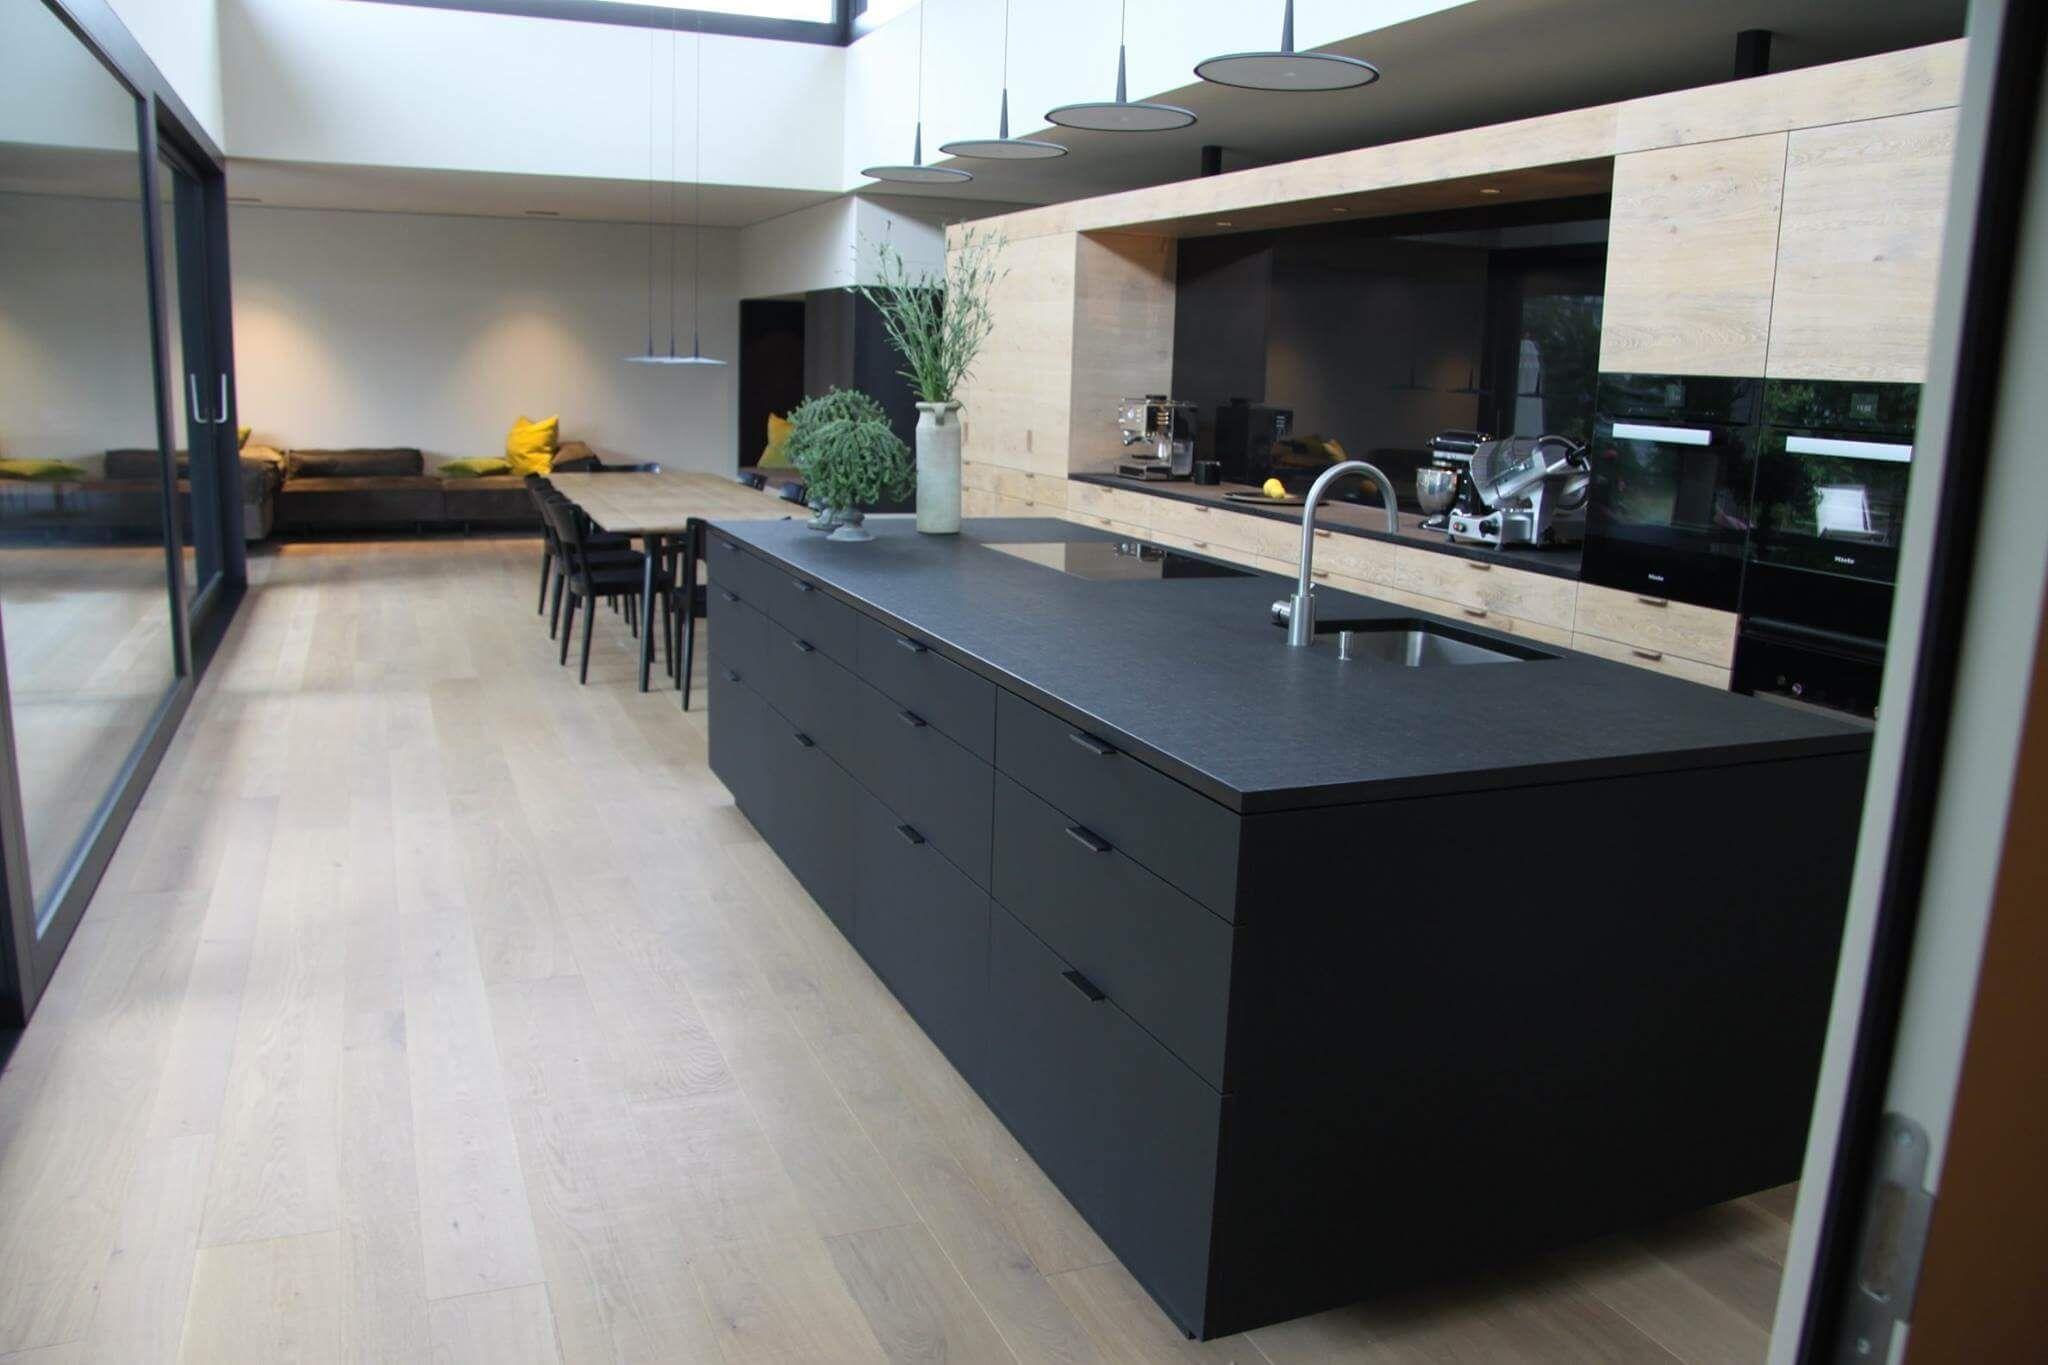 Kücheninsel Ideen ~ Ideen für deine neue schwarze kochinsel bilder von edlen dunklen